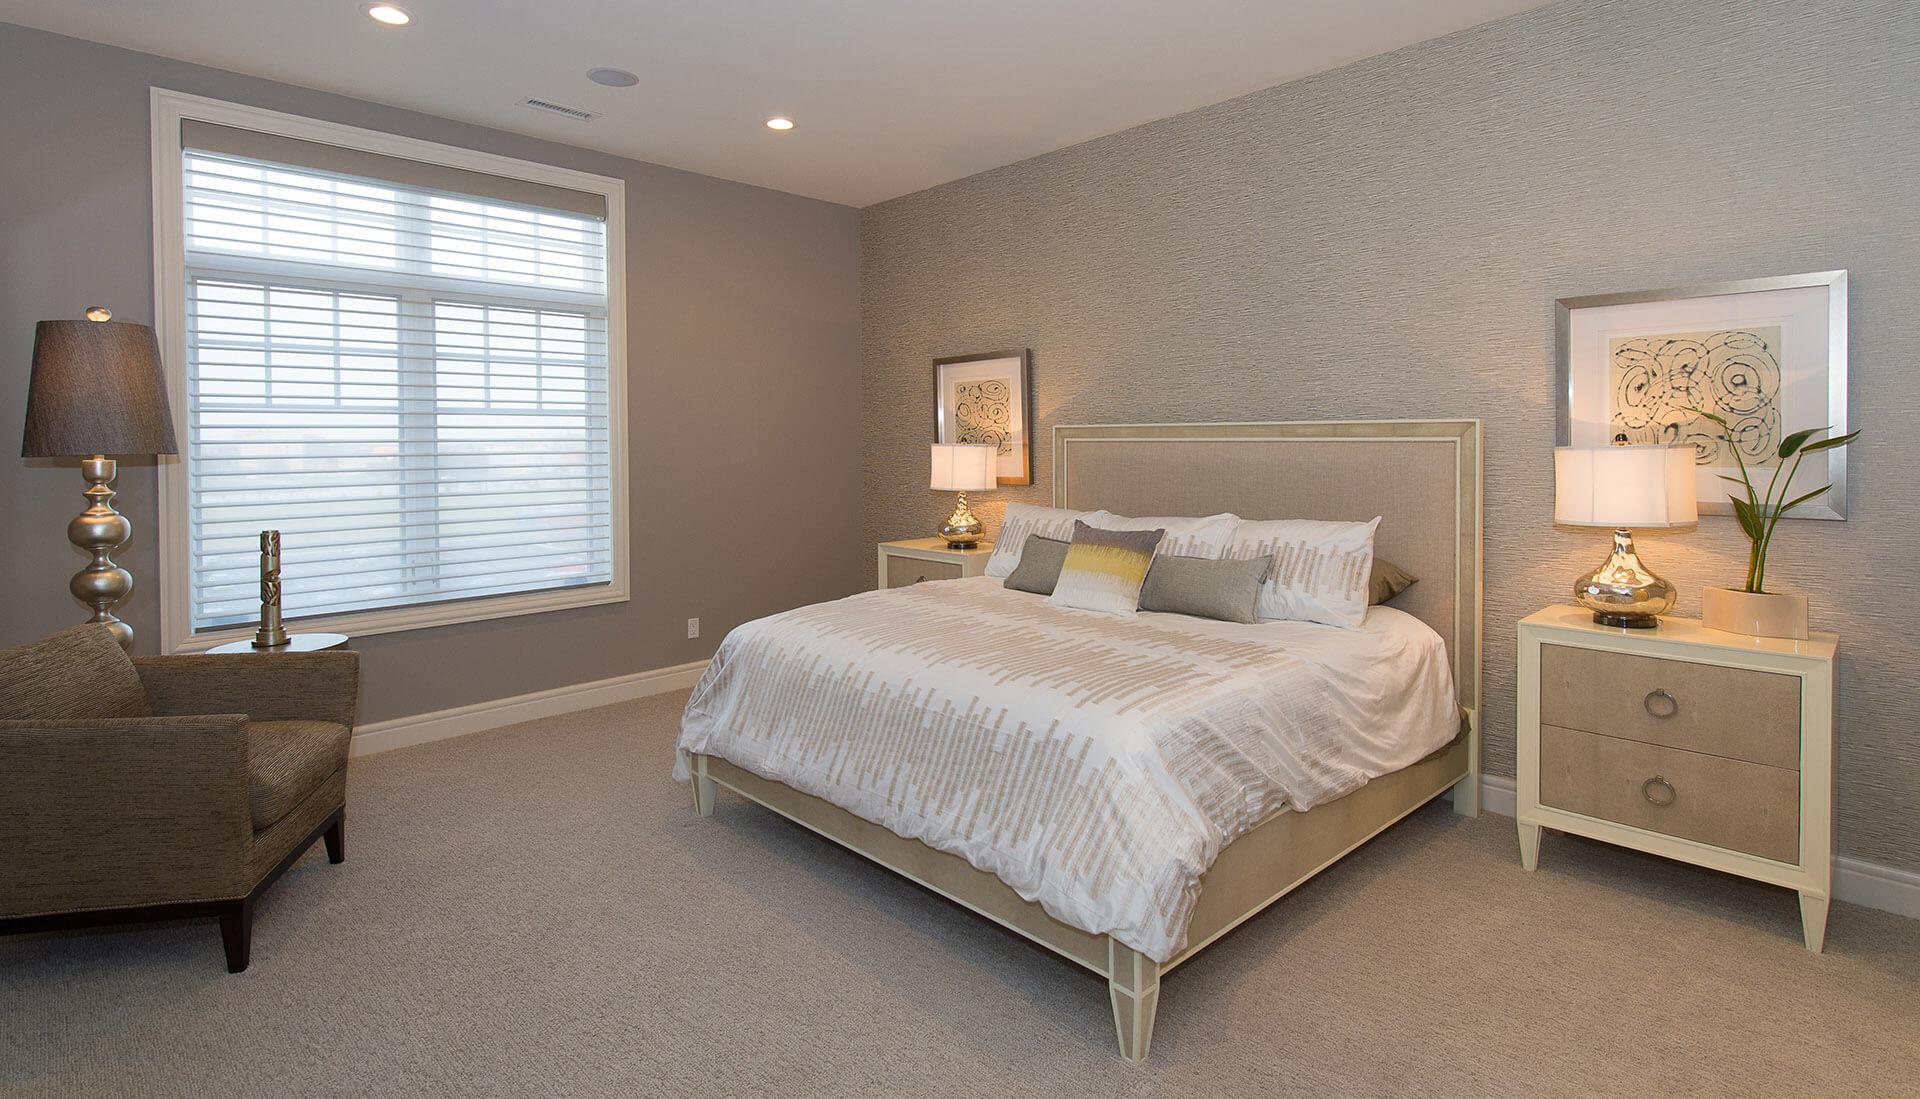 404 bedroom